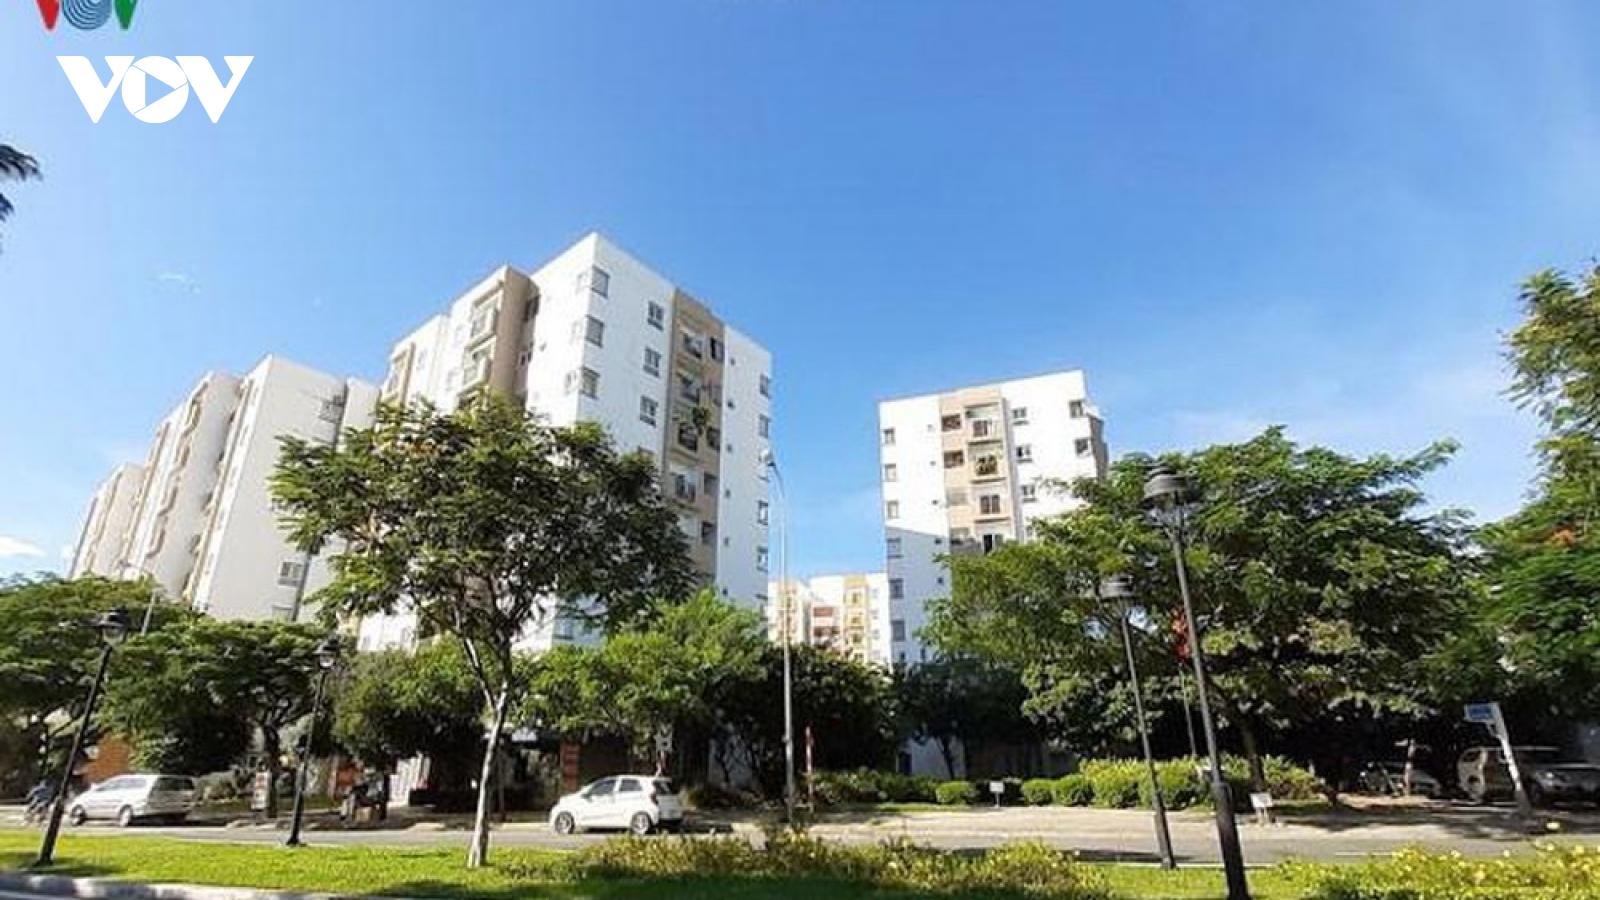 Đề xuất xây nhà thương mại giá rẻ cho hộ gia đình thu nhập trung bình